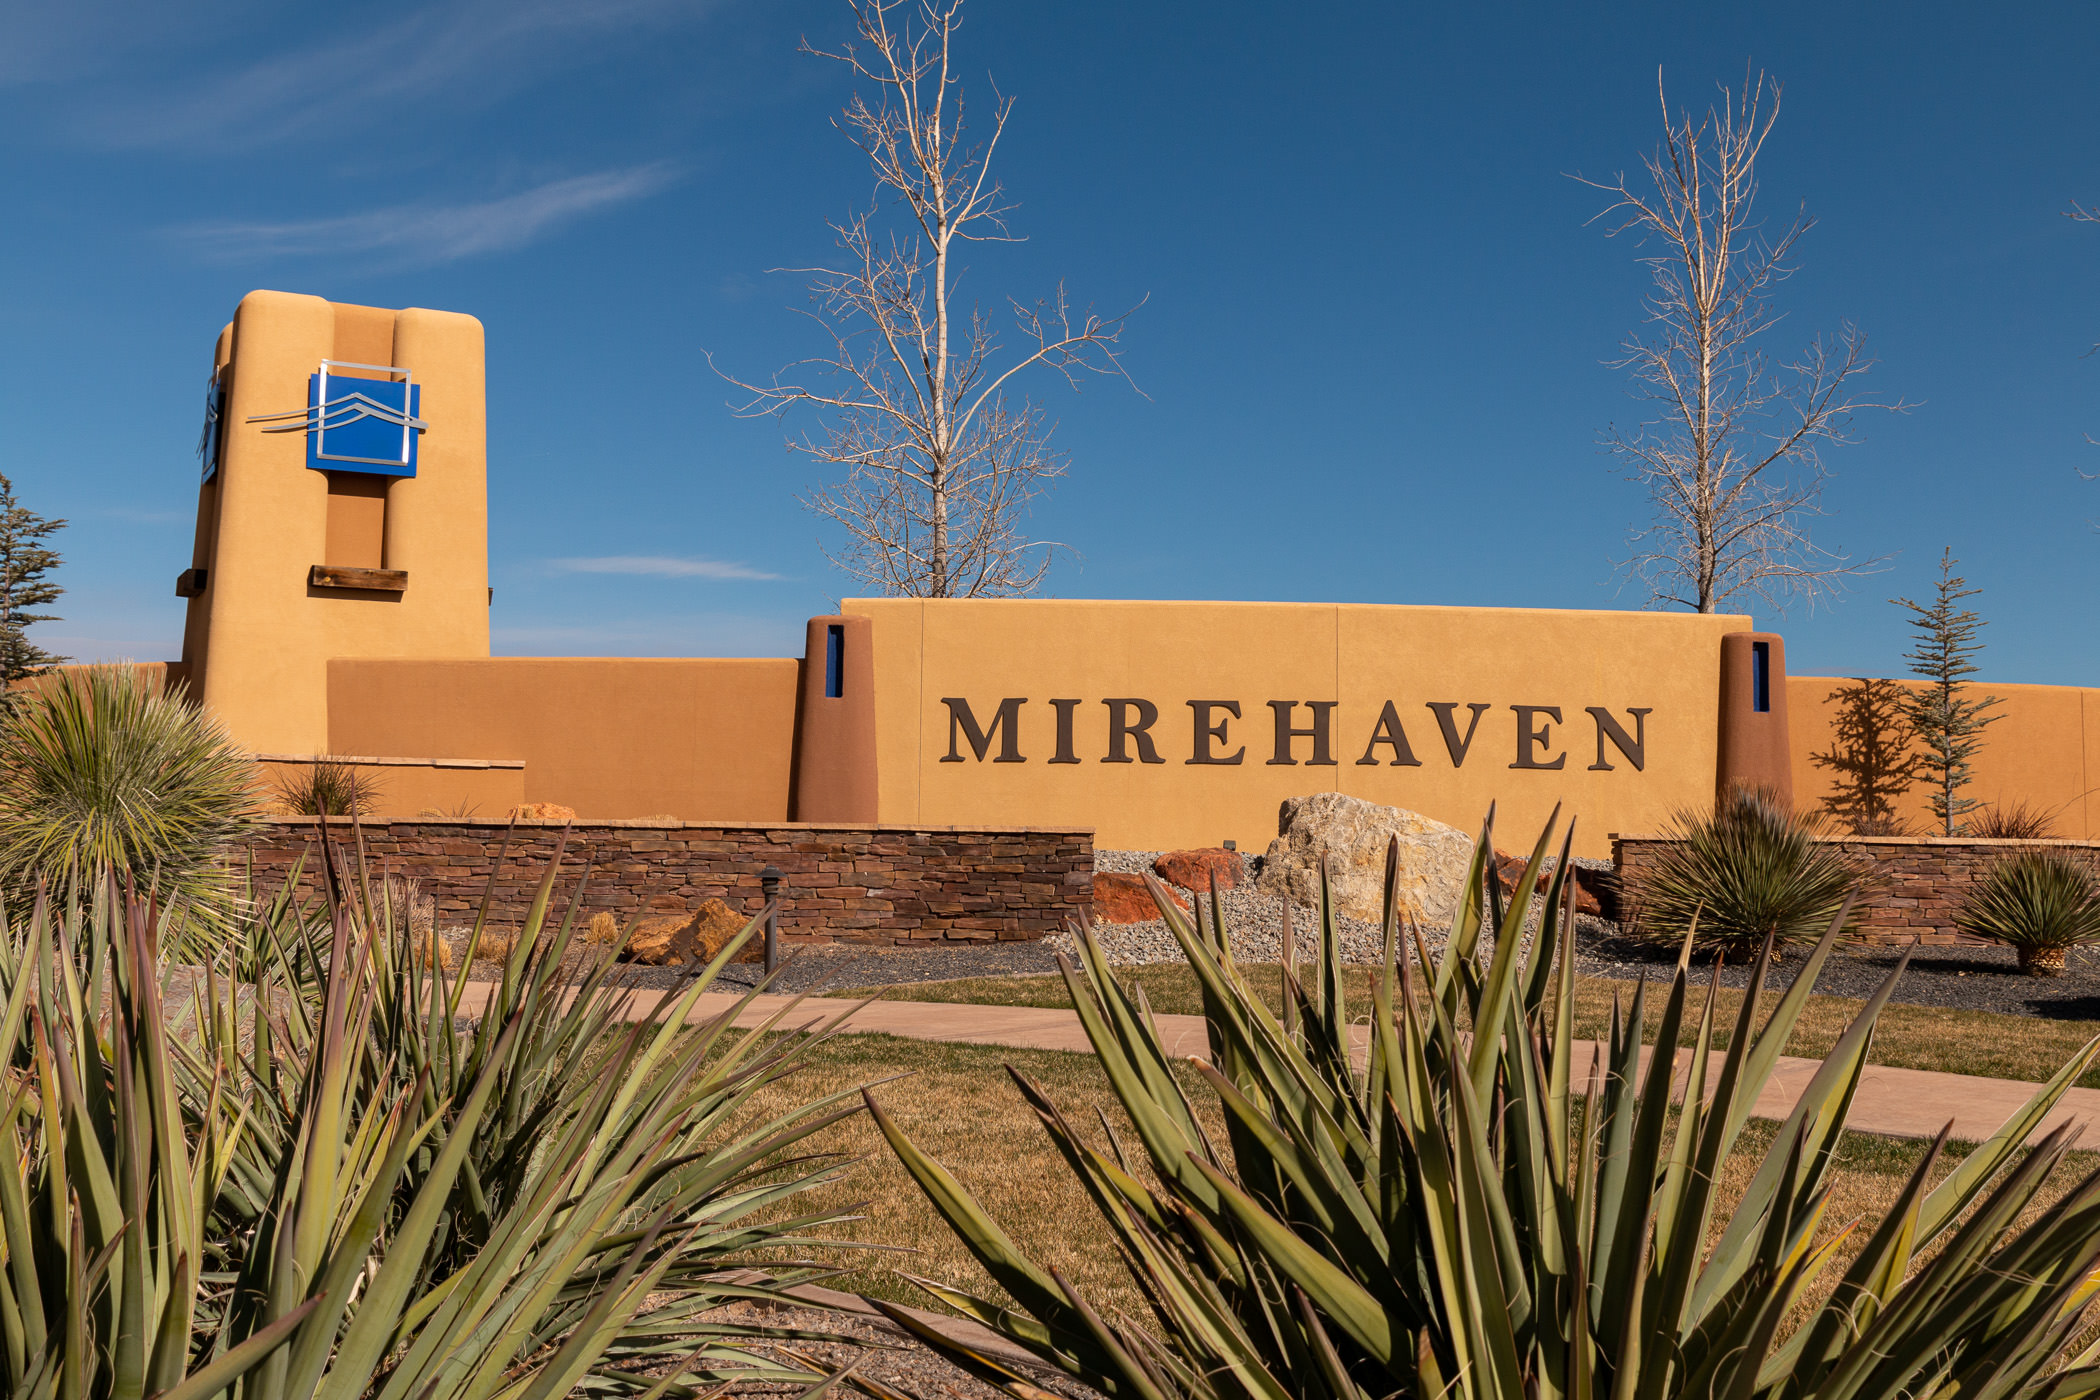 Mirehaven Community